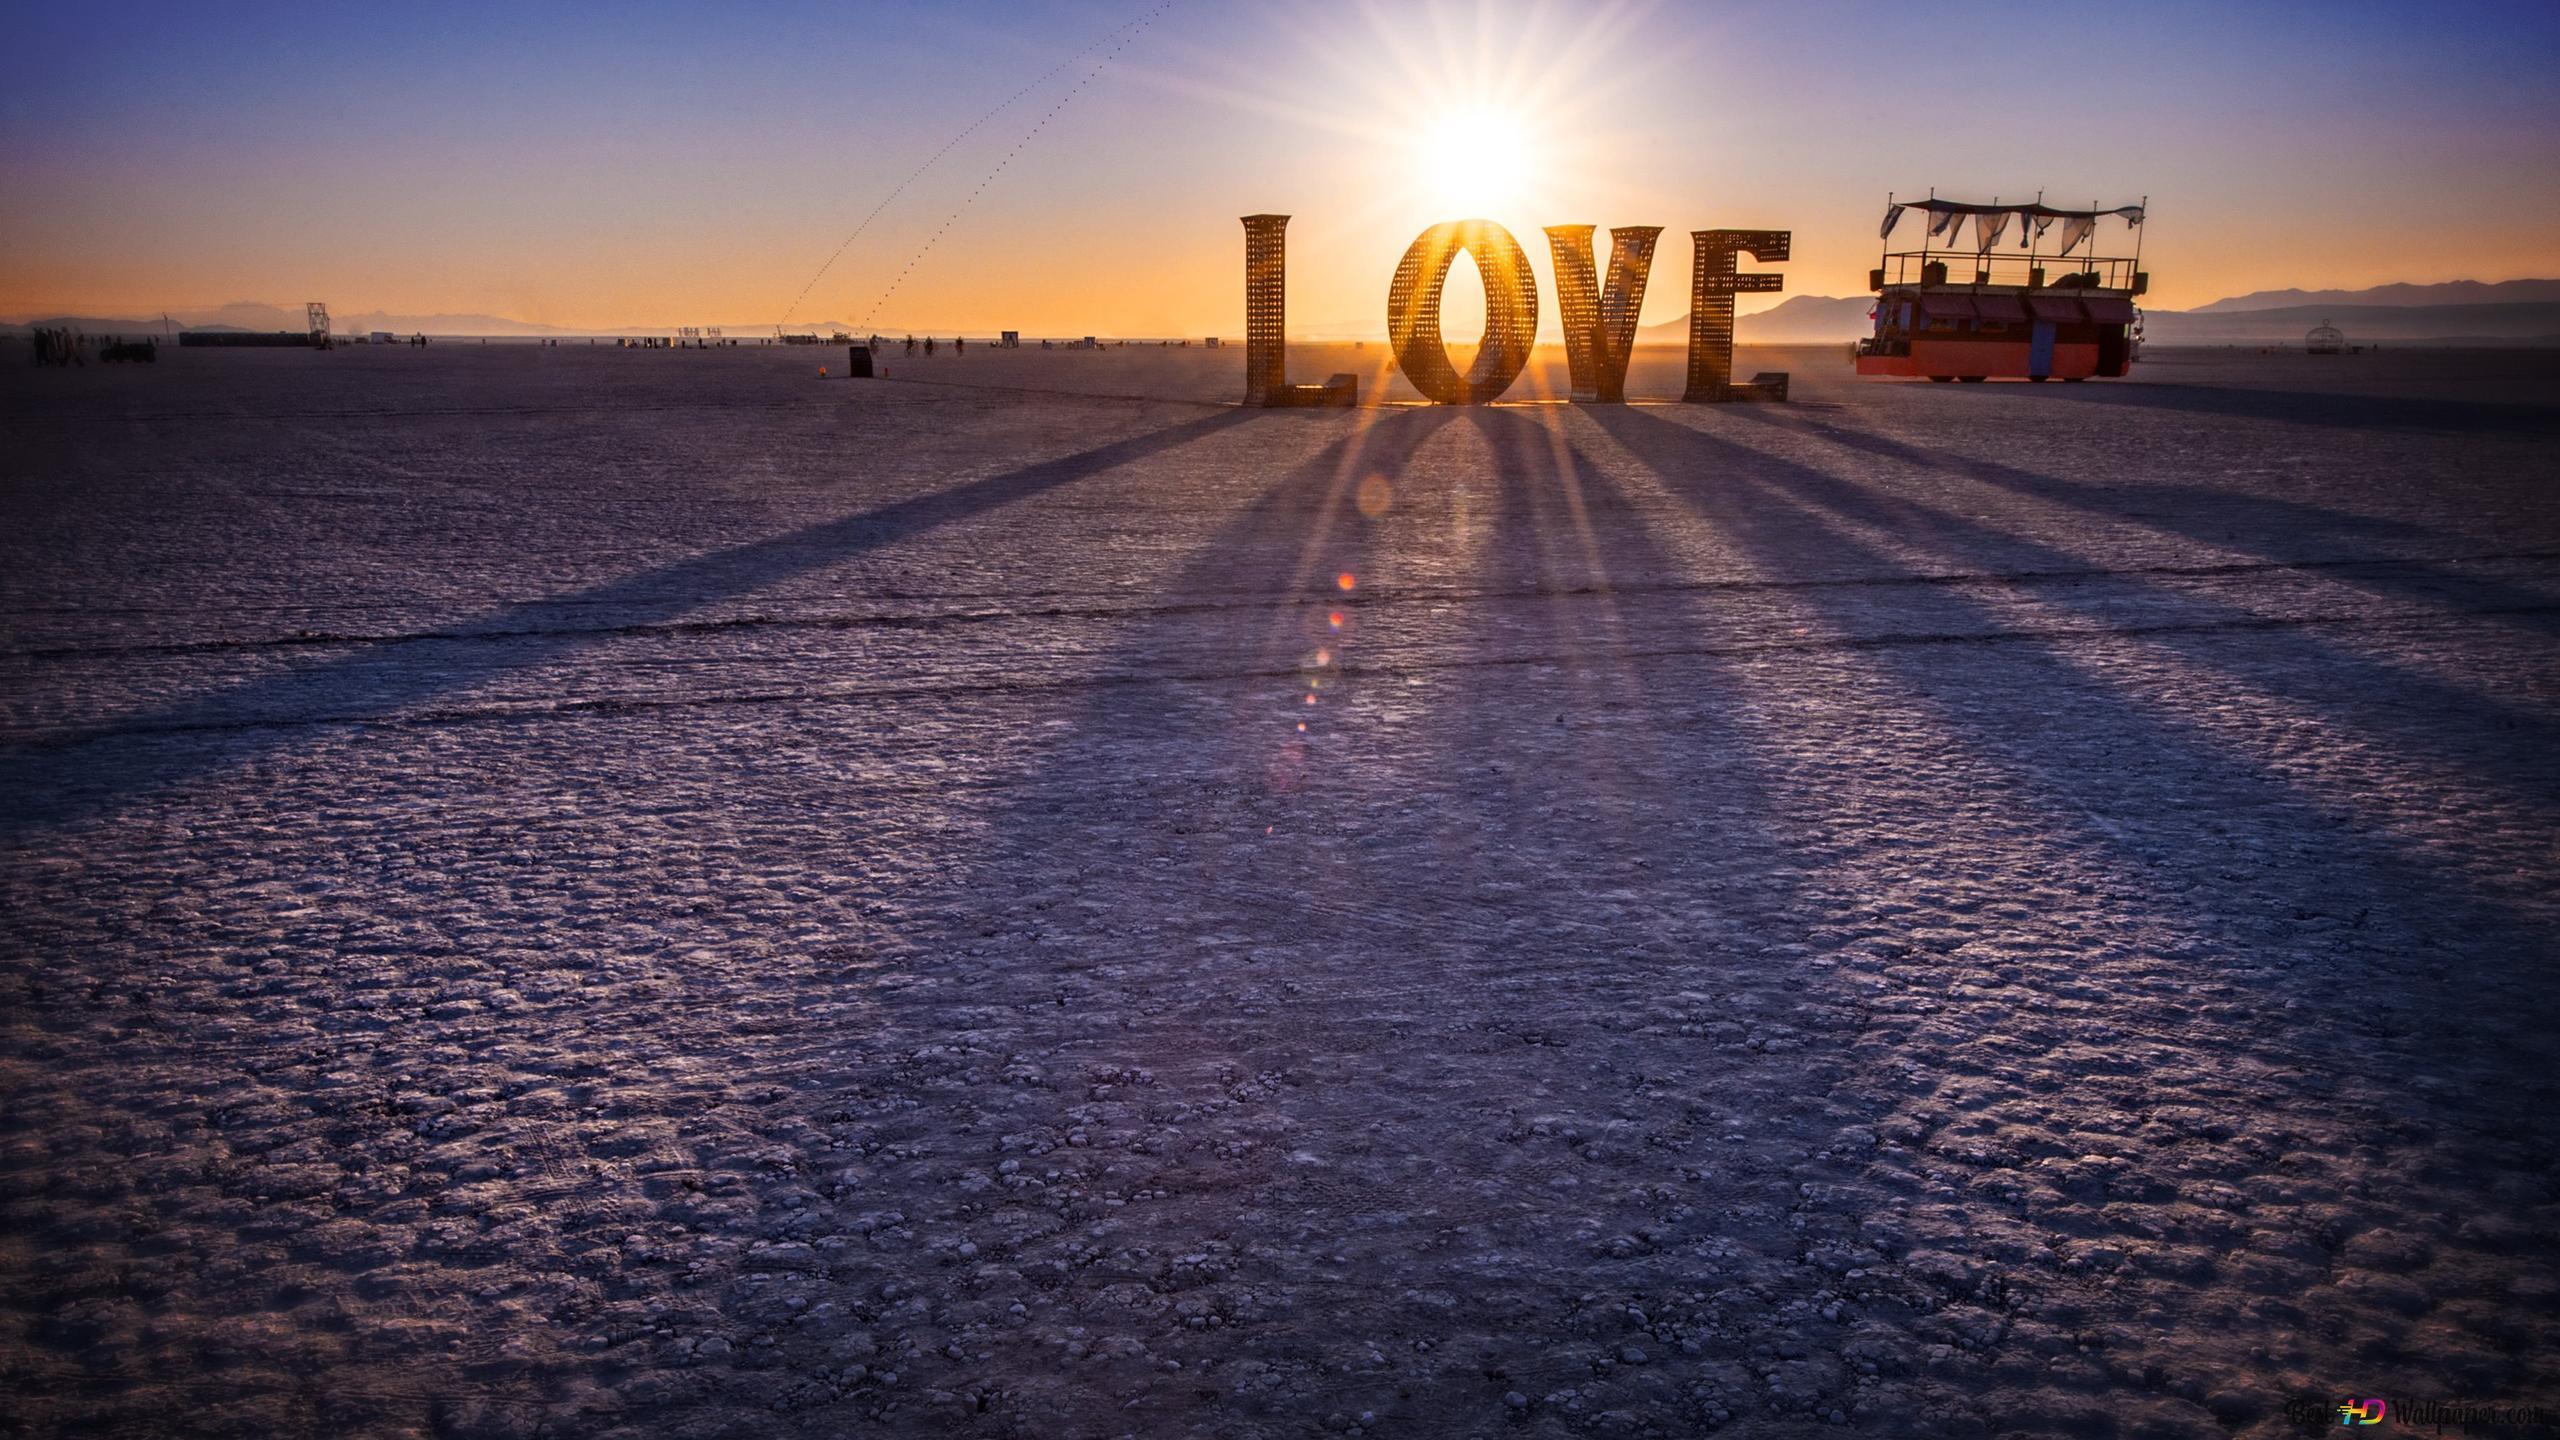 愛 砂漠の夕日 hd壁紙のダウンロード